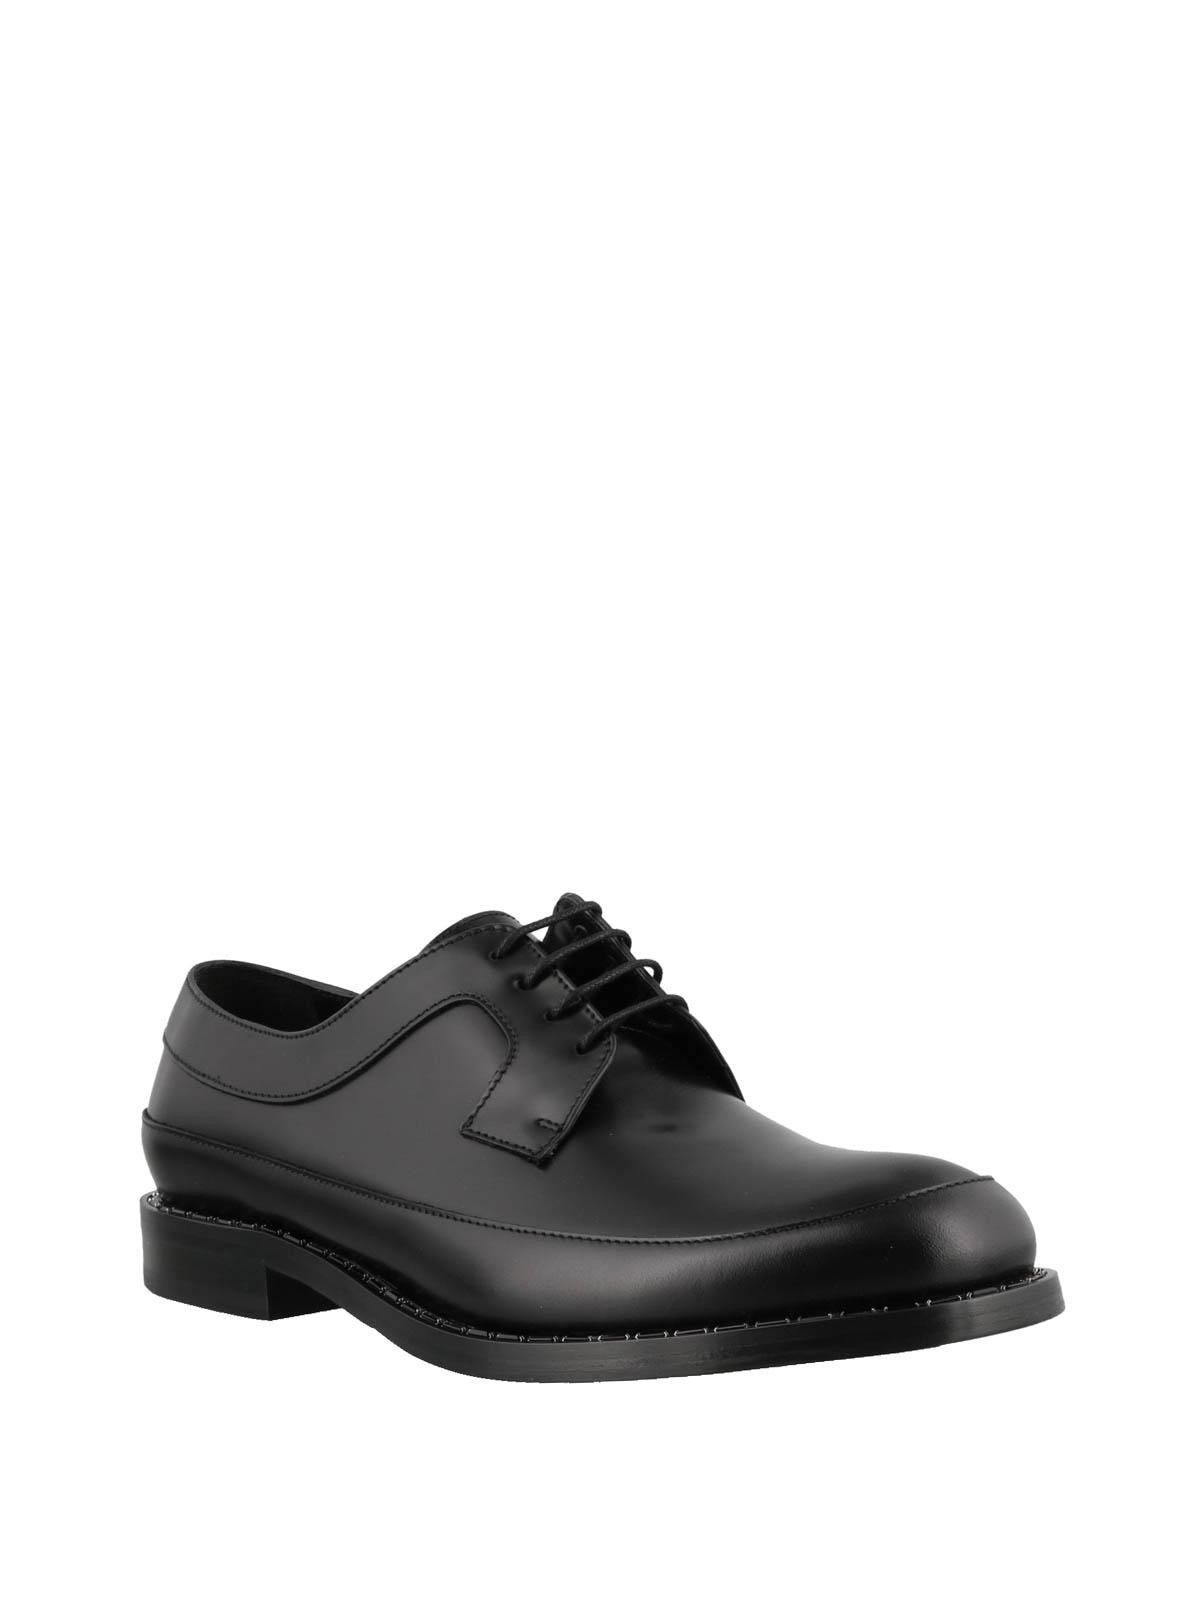 6eb9061e332 Jimmy Choo - Beni black leather lace-up shoes - classic shoes - BENI ...